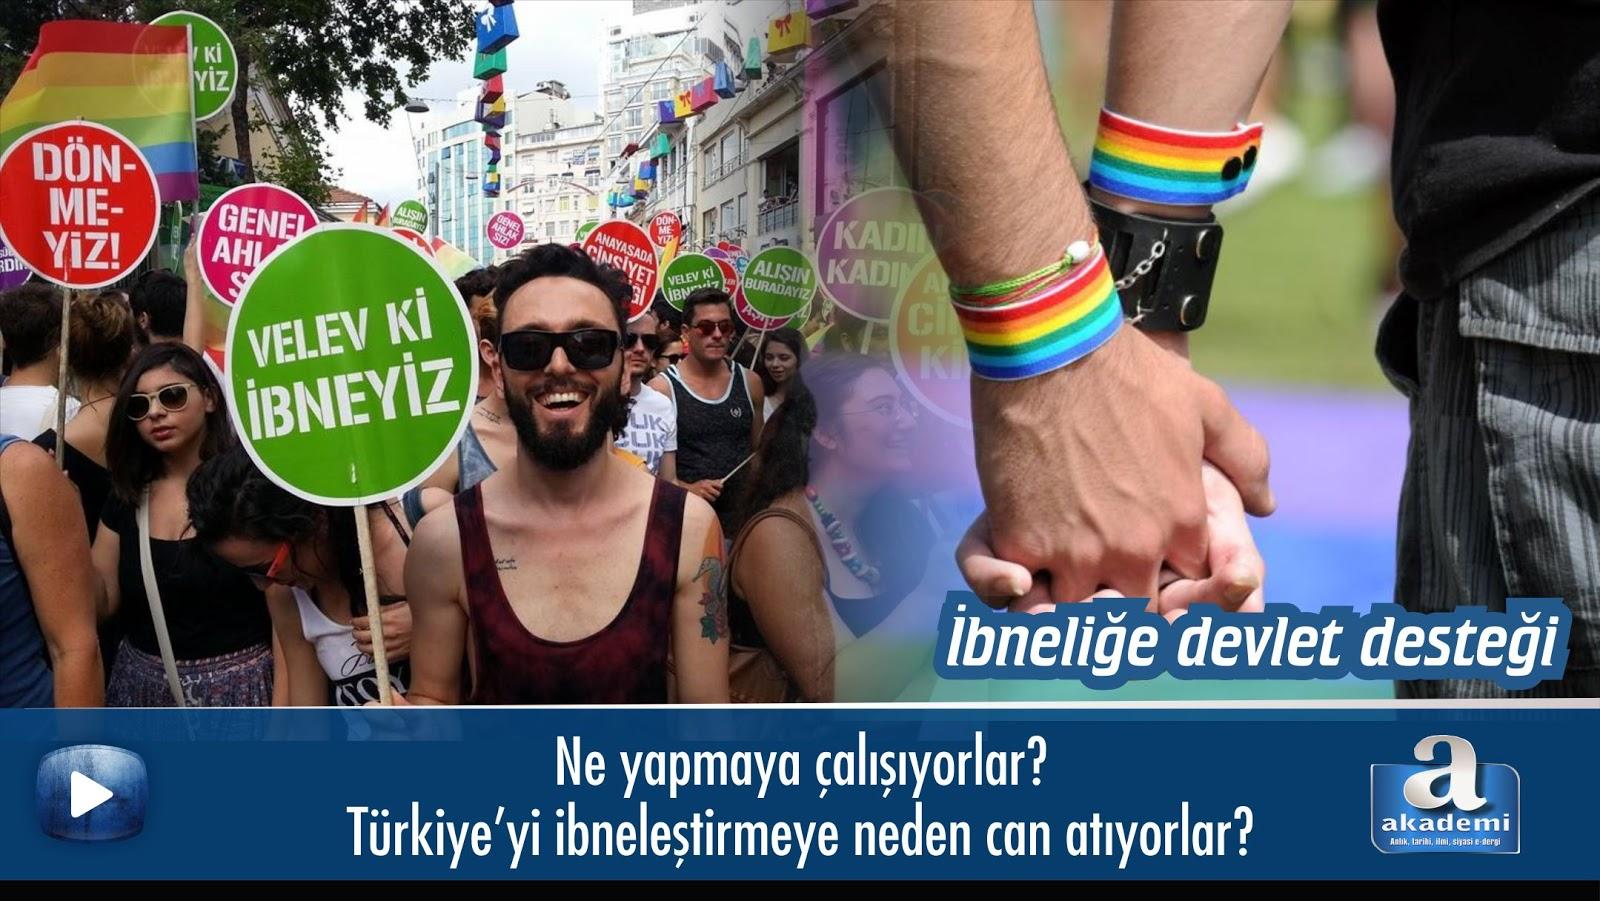 lgbti, livata - eşcinsel ilişki, eşcinsellik, akp, akp'nin gerçek yüzü, GAY, lezbiyenlik, Sevicilik, biseksüellik, Transeksüellik, ibnelik,